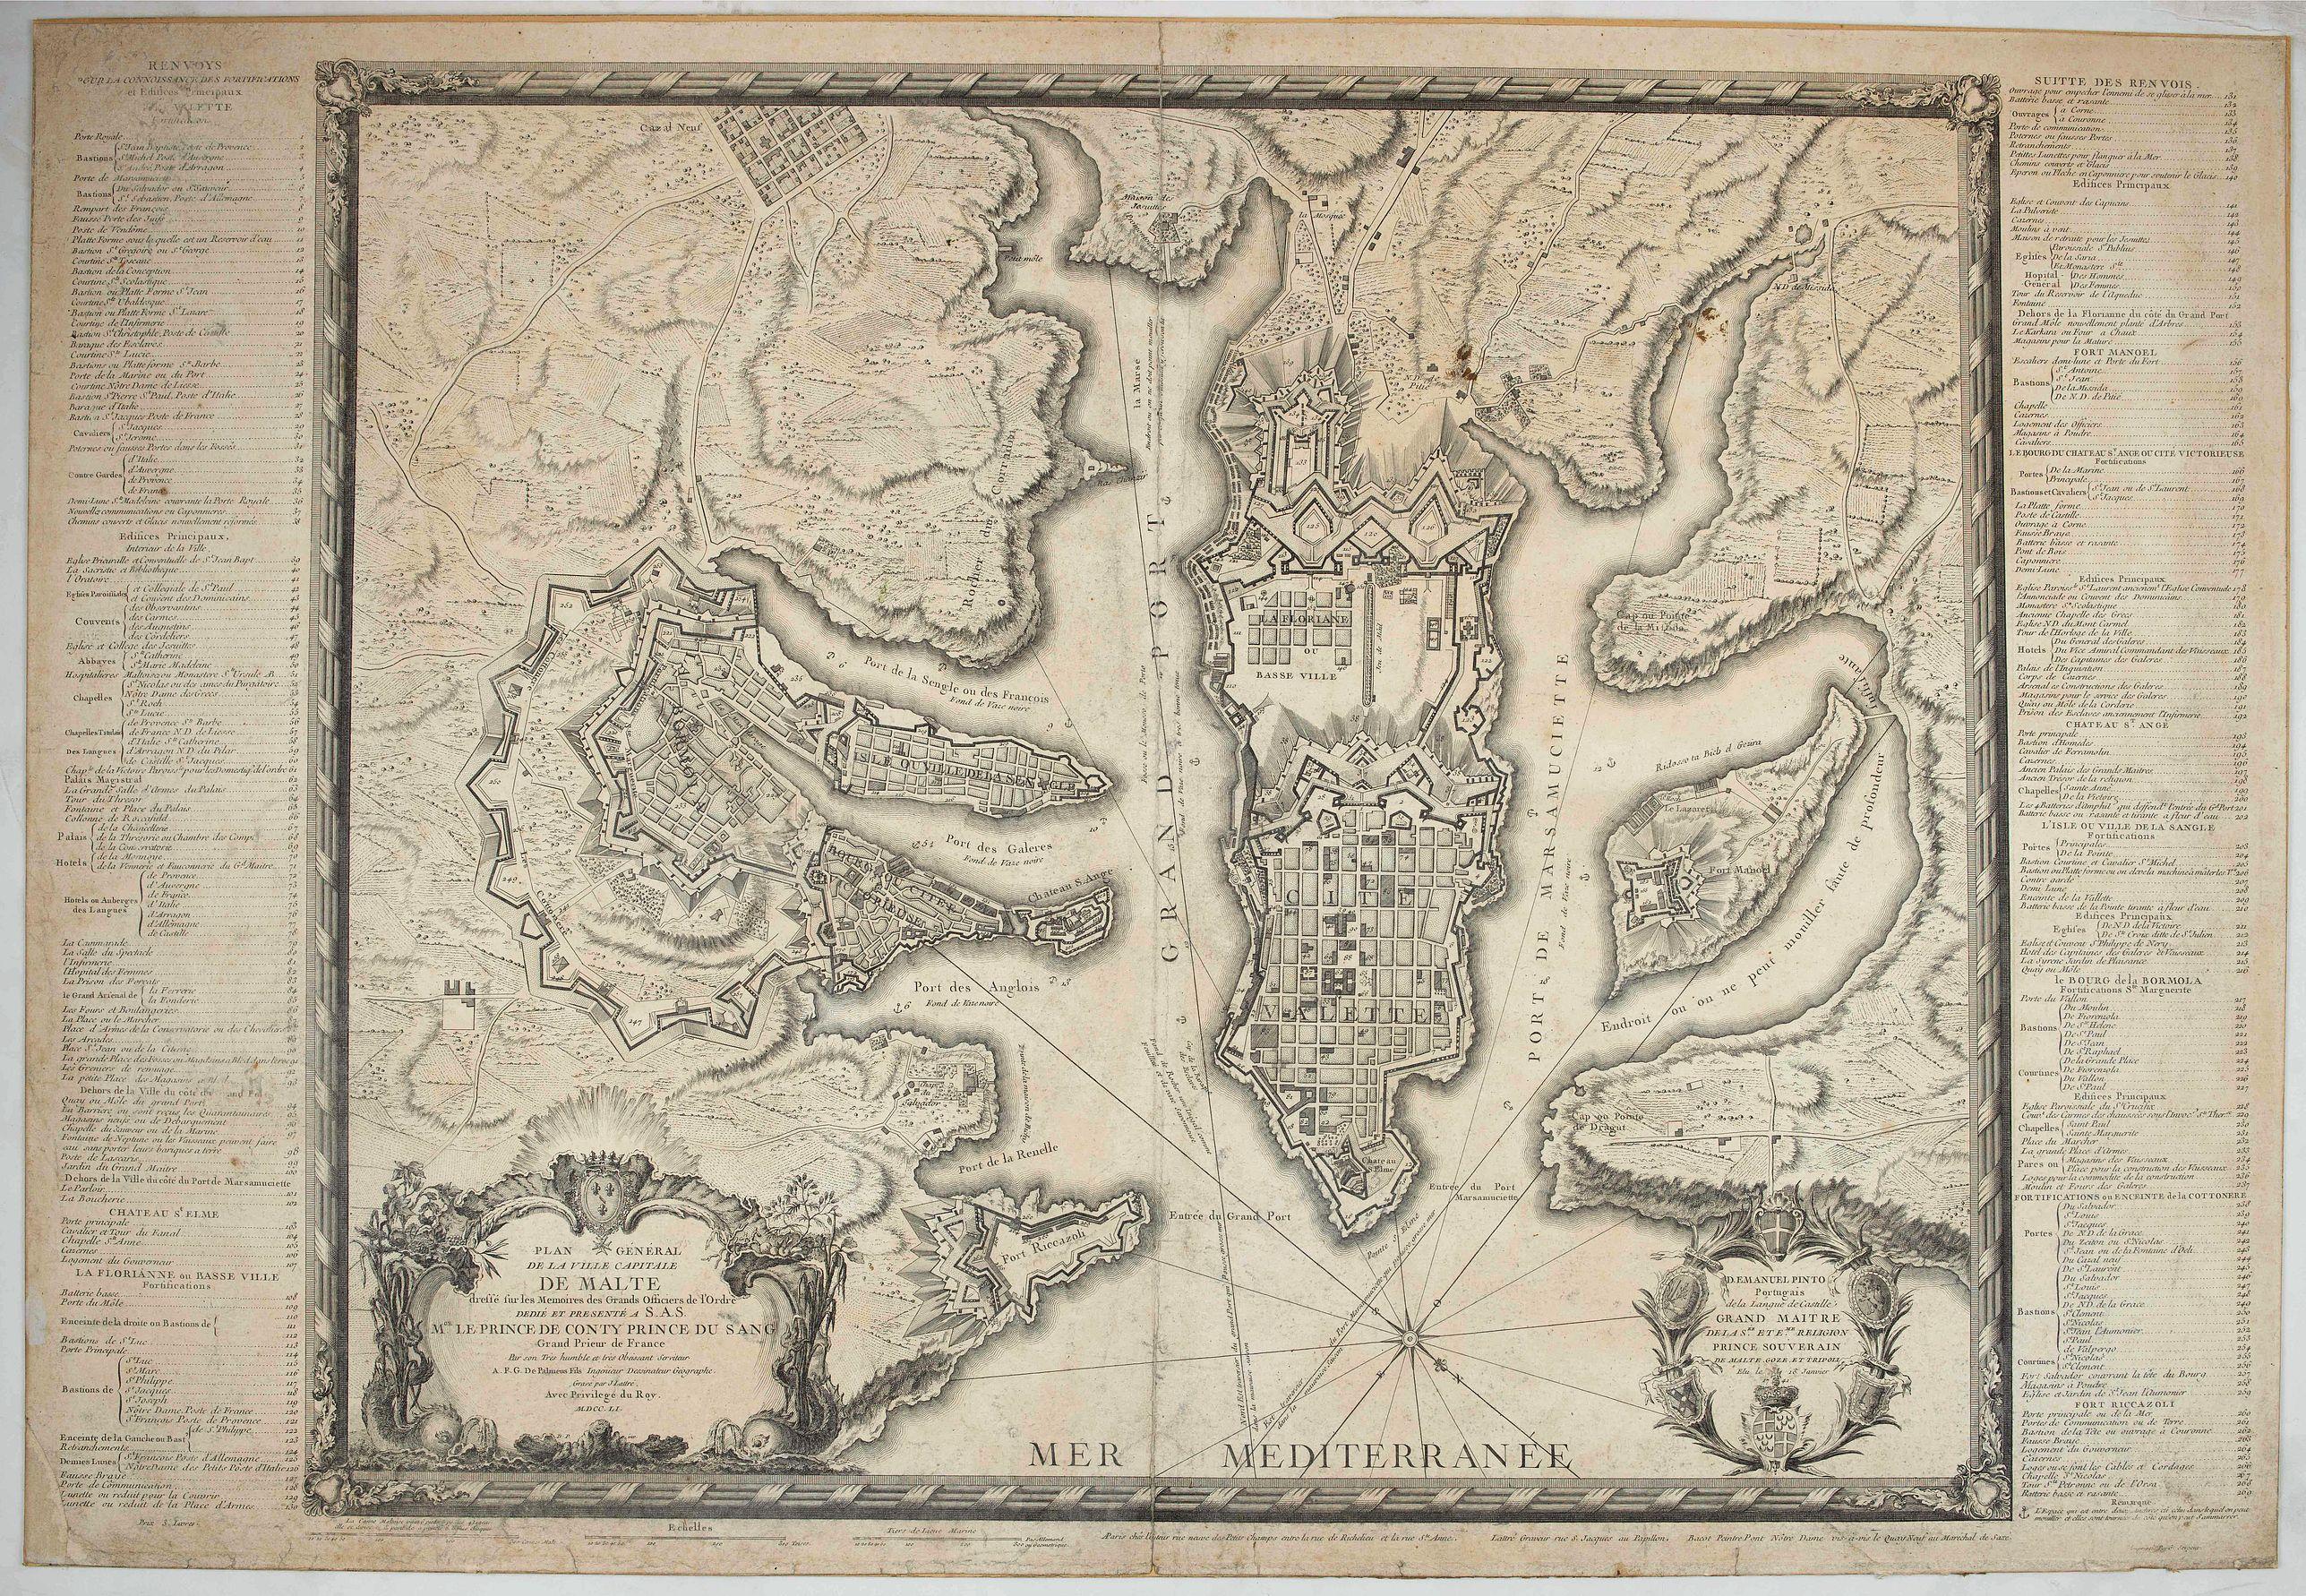 LATTRÉ, J. -  Plan général de la ville capitale de Malte dressé sur les memoires des grands officiers de l'Ordre, dédiée et présentée à S.A.S. Mgr le prince de Conty, prince du sang, grand prieur de France. . .